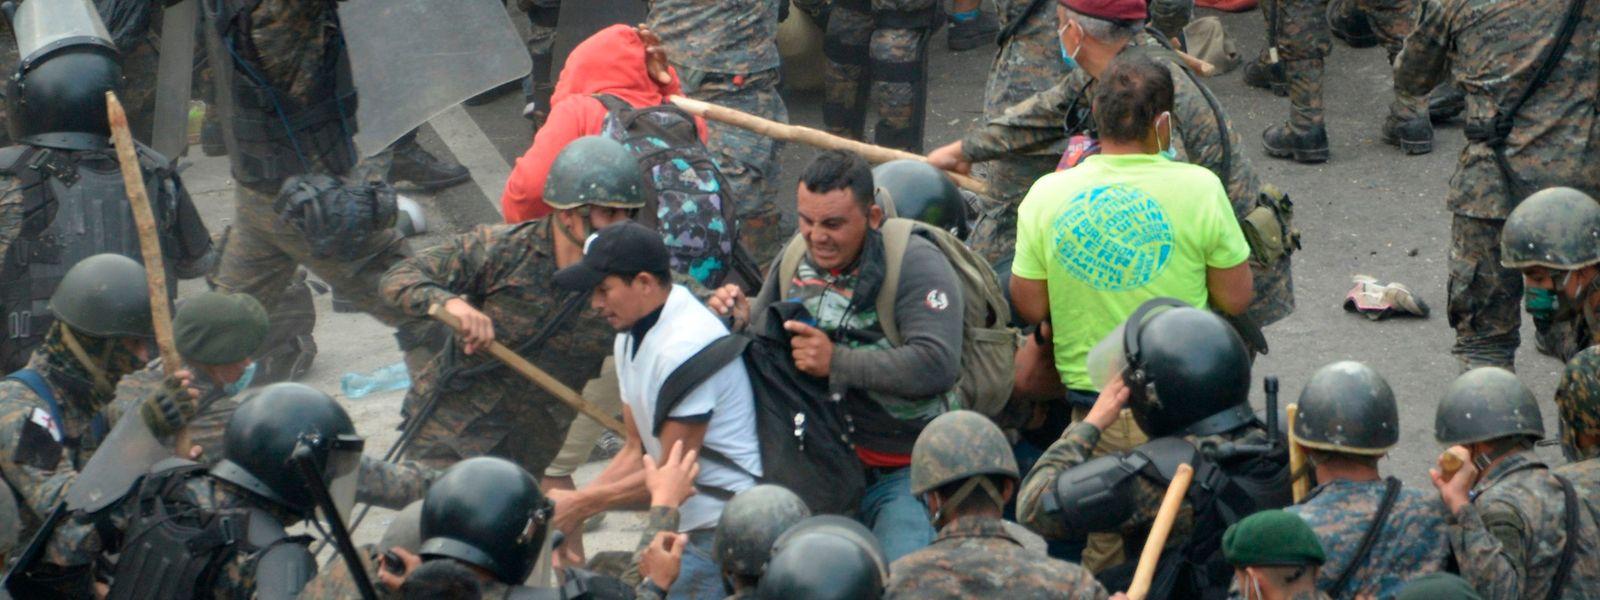 Forças de segurança da Guatemala dispararam gás lacrimogéneo sobre uma caravana de milhares de migrantes que se dirigiam para os EUA.